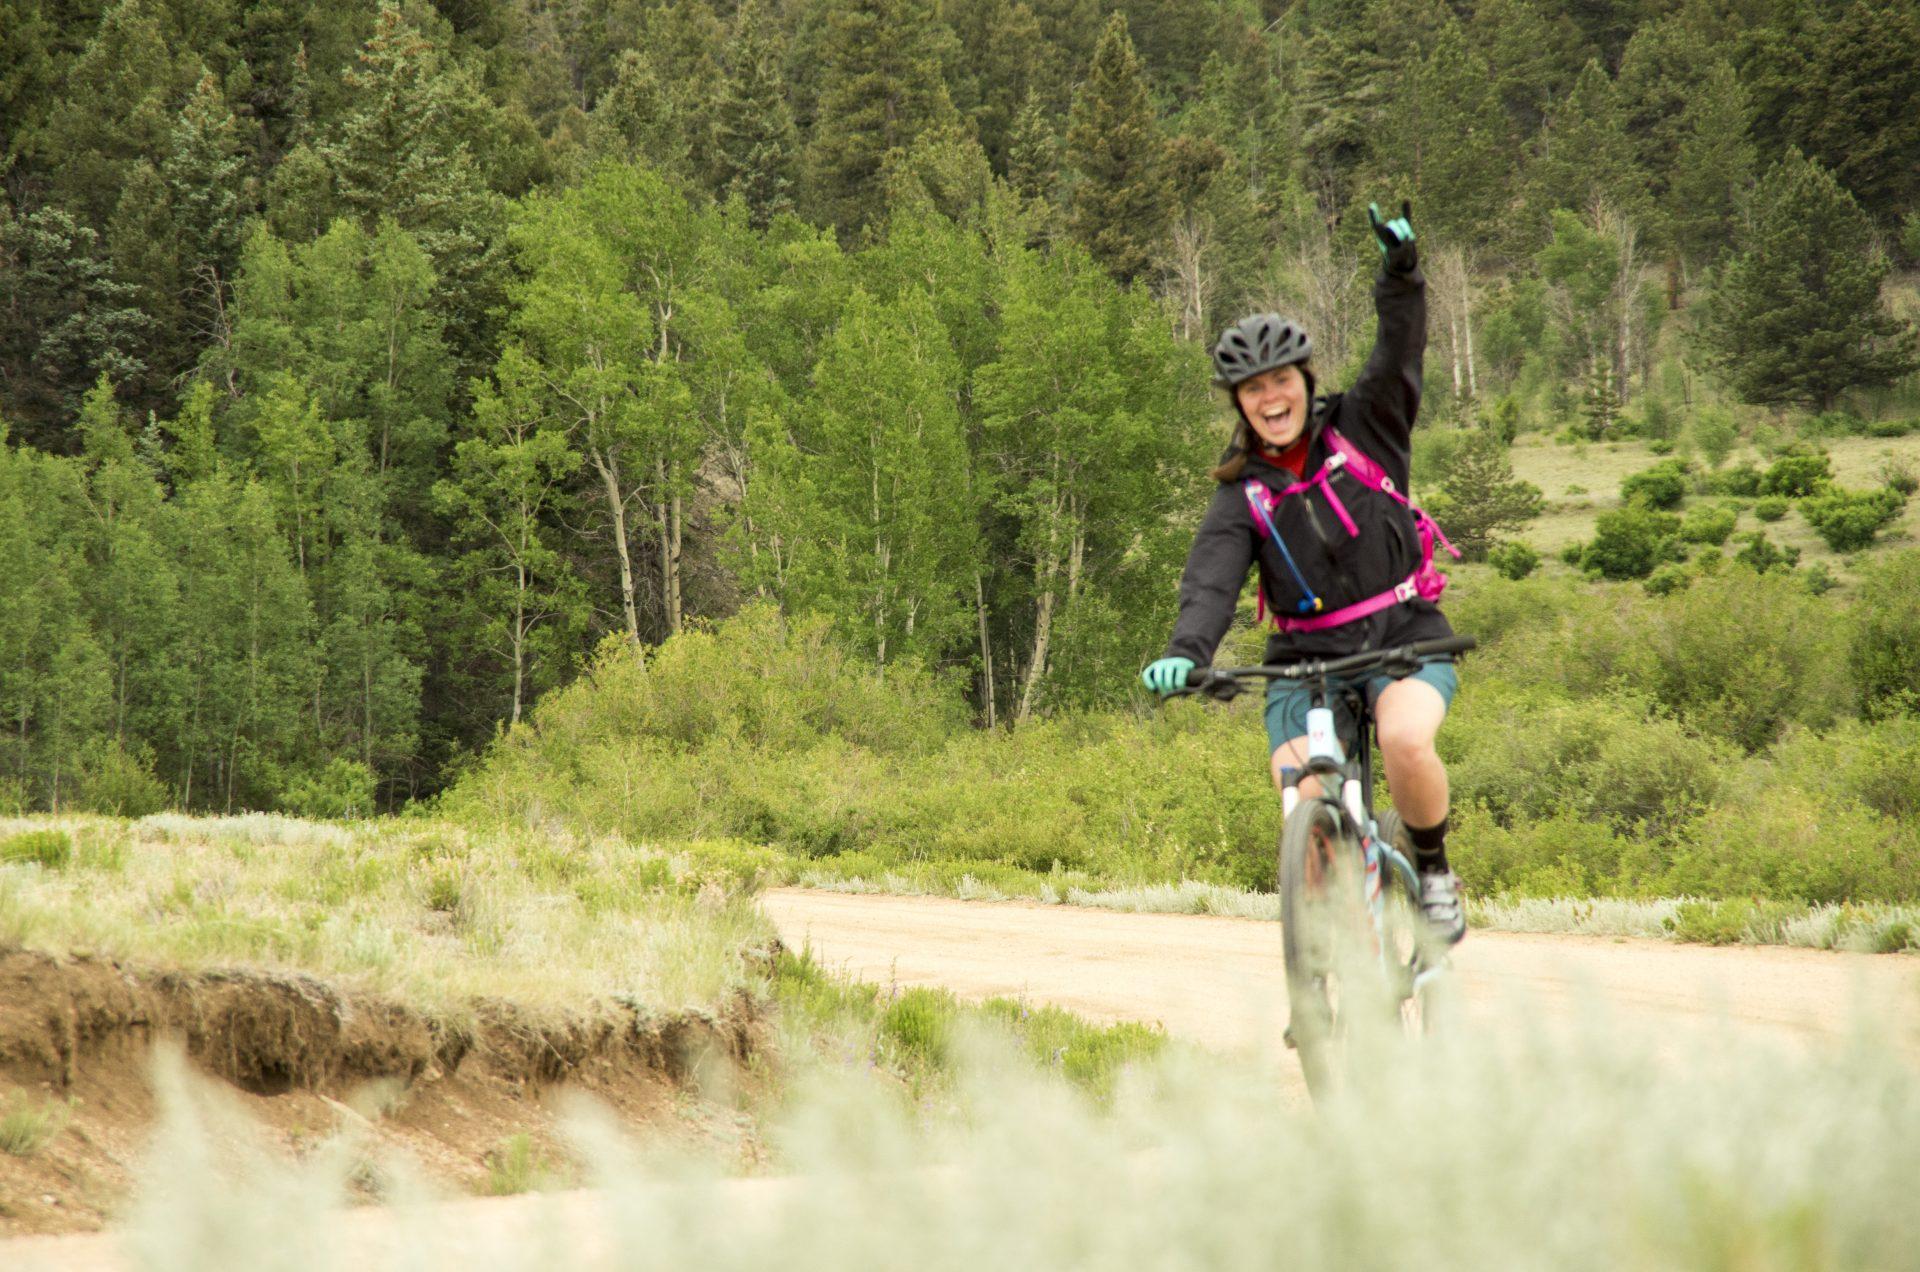 Half Day Mountain Biking